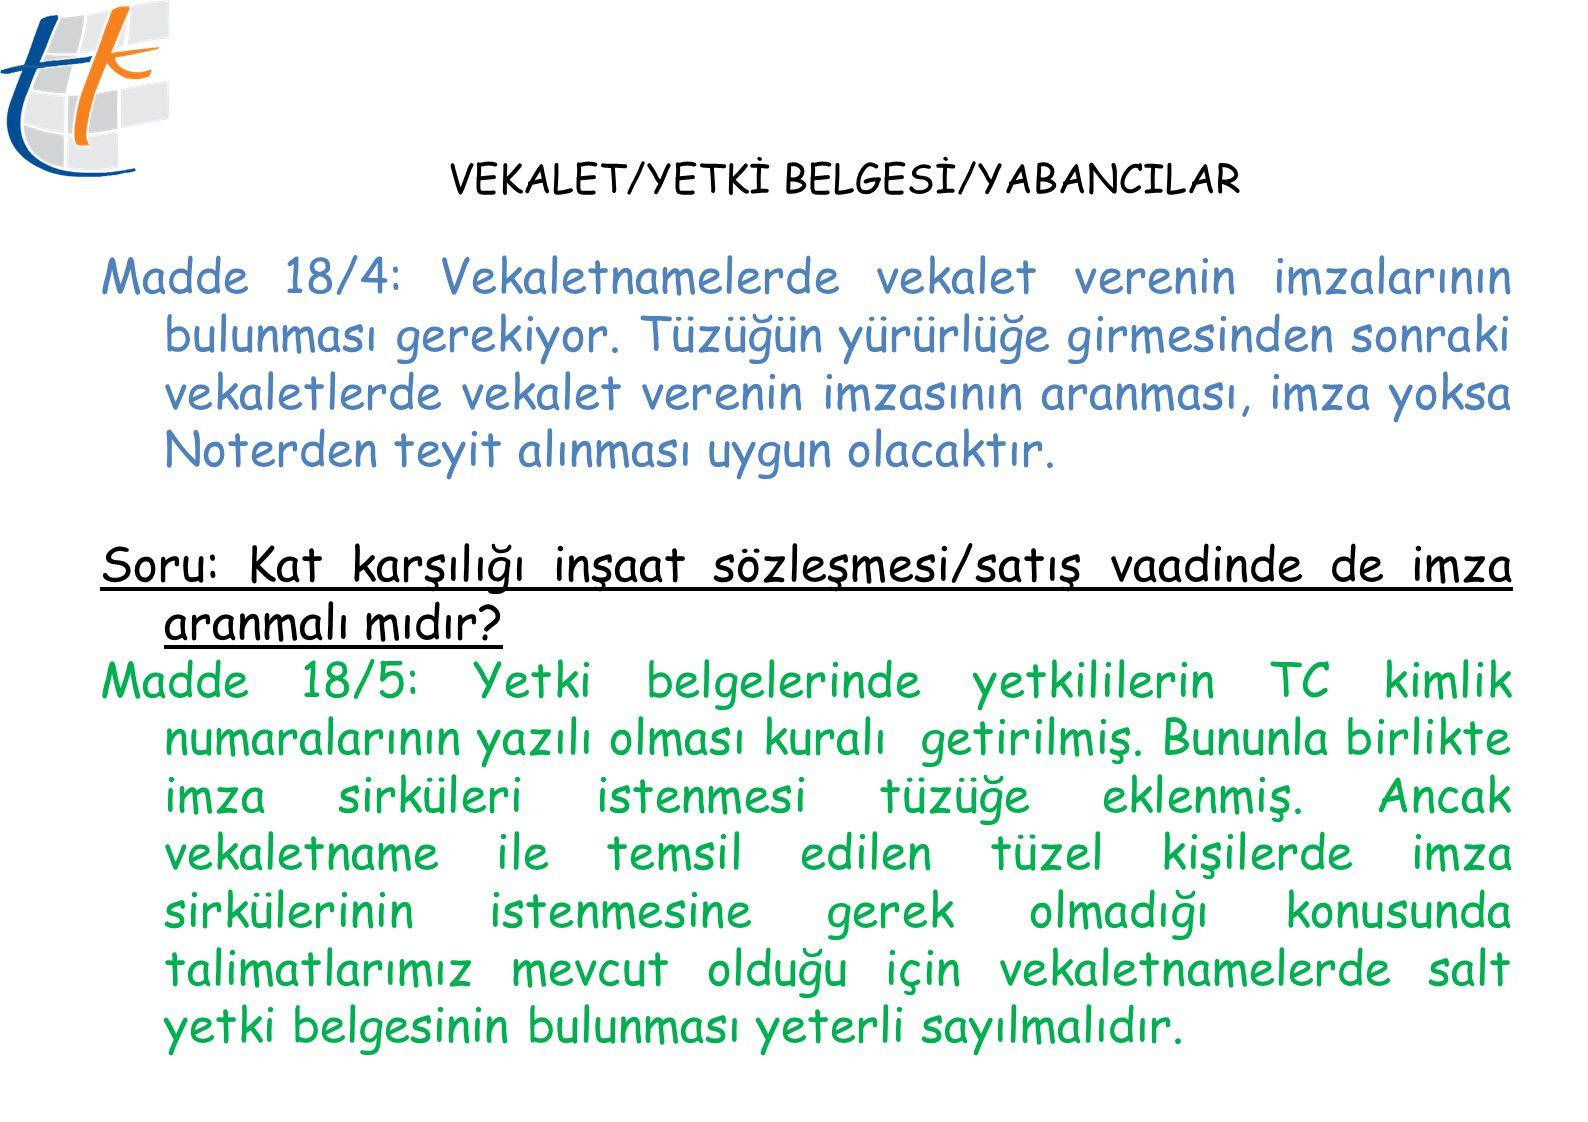 VEKALET/YETKİ BELGESİ/YABANCILAR